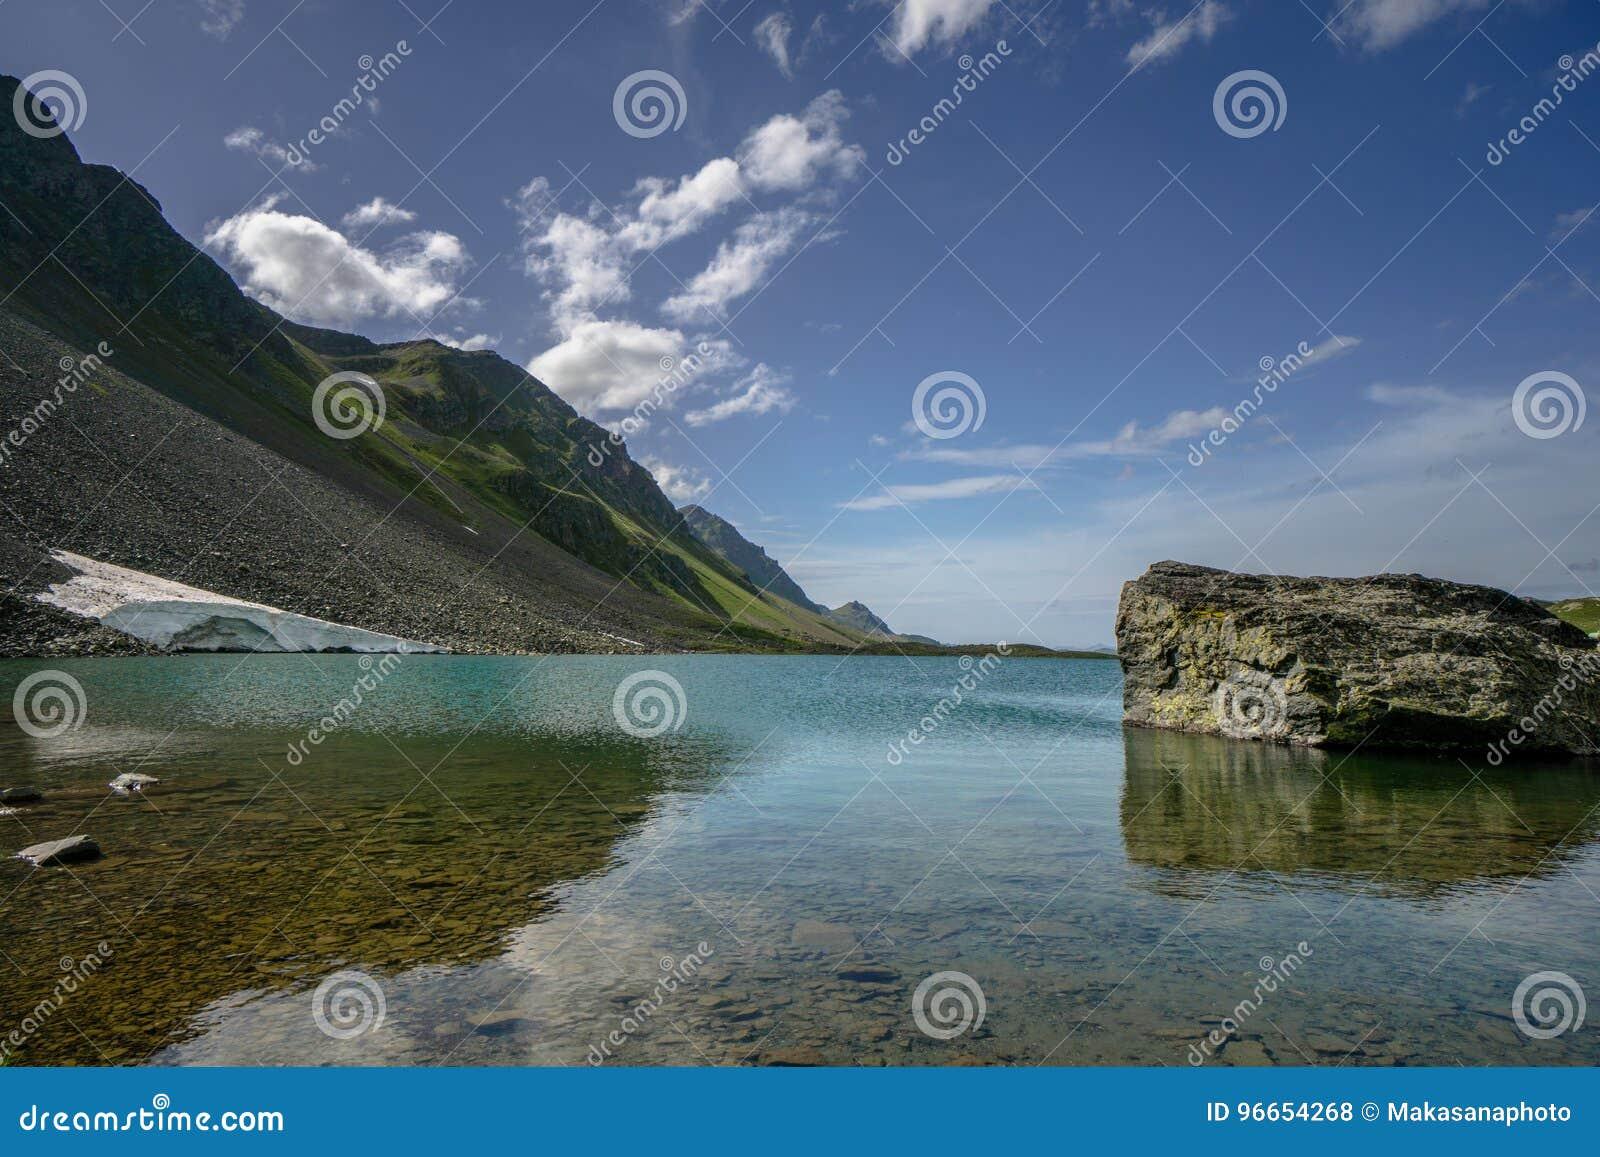 Όμορφη λίμνη βουνών κοντά σε Davos με έναν μεγάλο λίθο στο πρώτο πλάνο